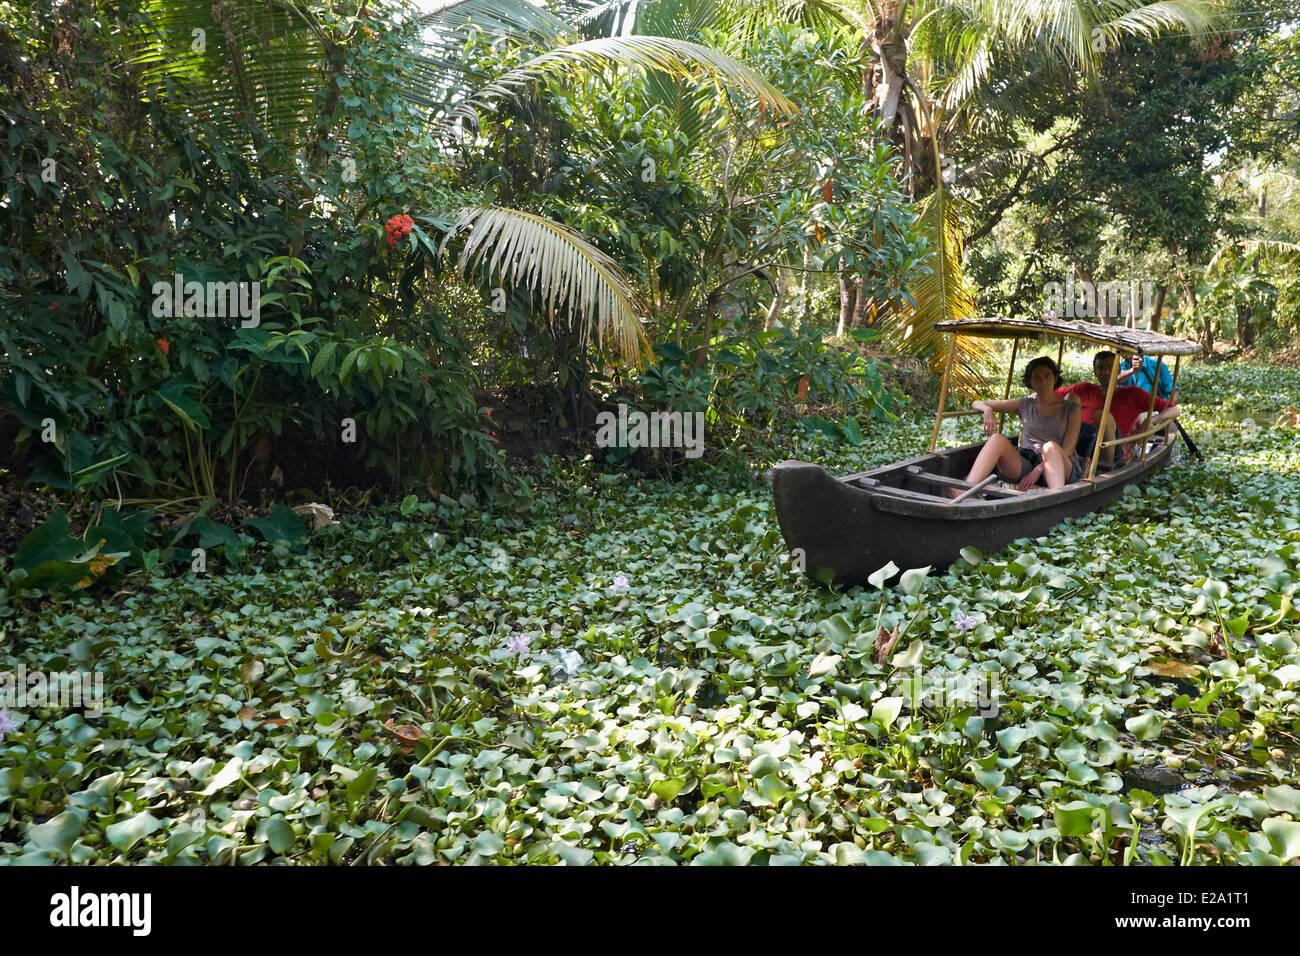 India Kerala State, Alleppey, la laguna di acqua stagnante, gite in barca per turisti Immagini Stock